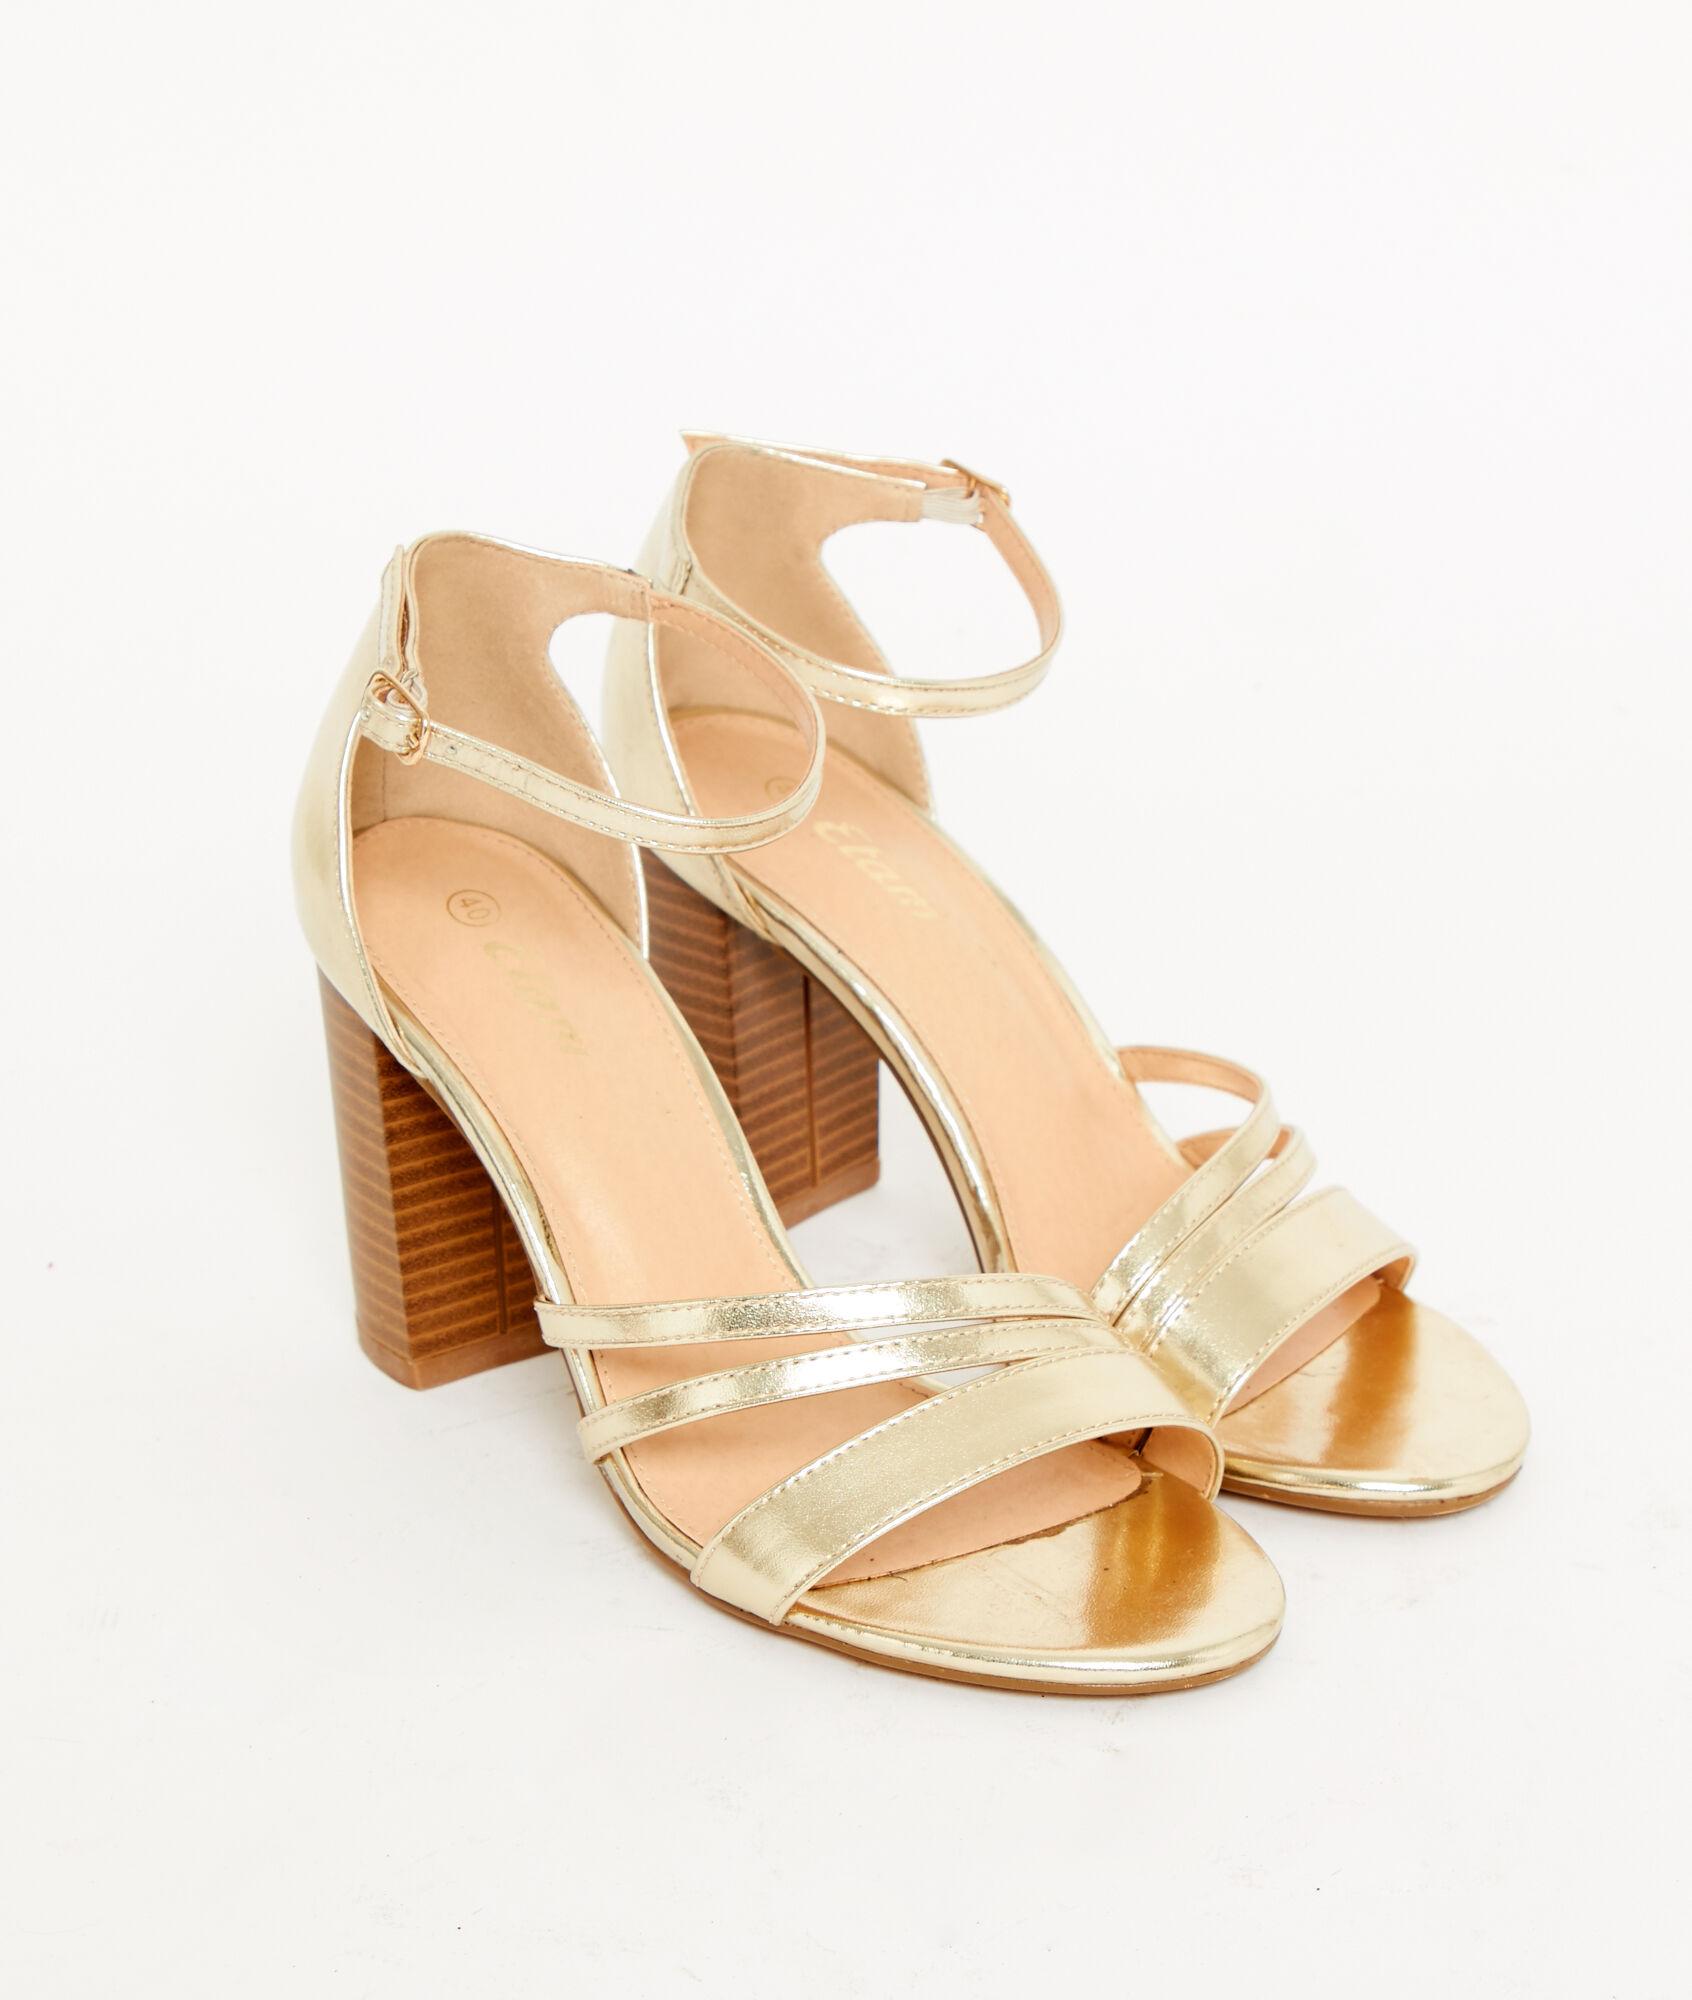 54215a54 Sandalias de tacón doradas - LATINA - DORADO - Etam